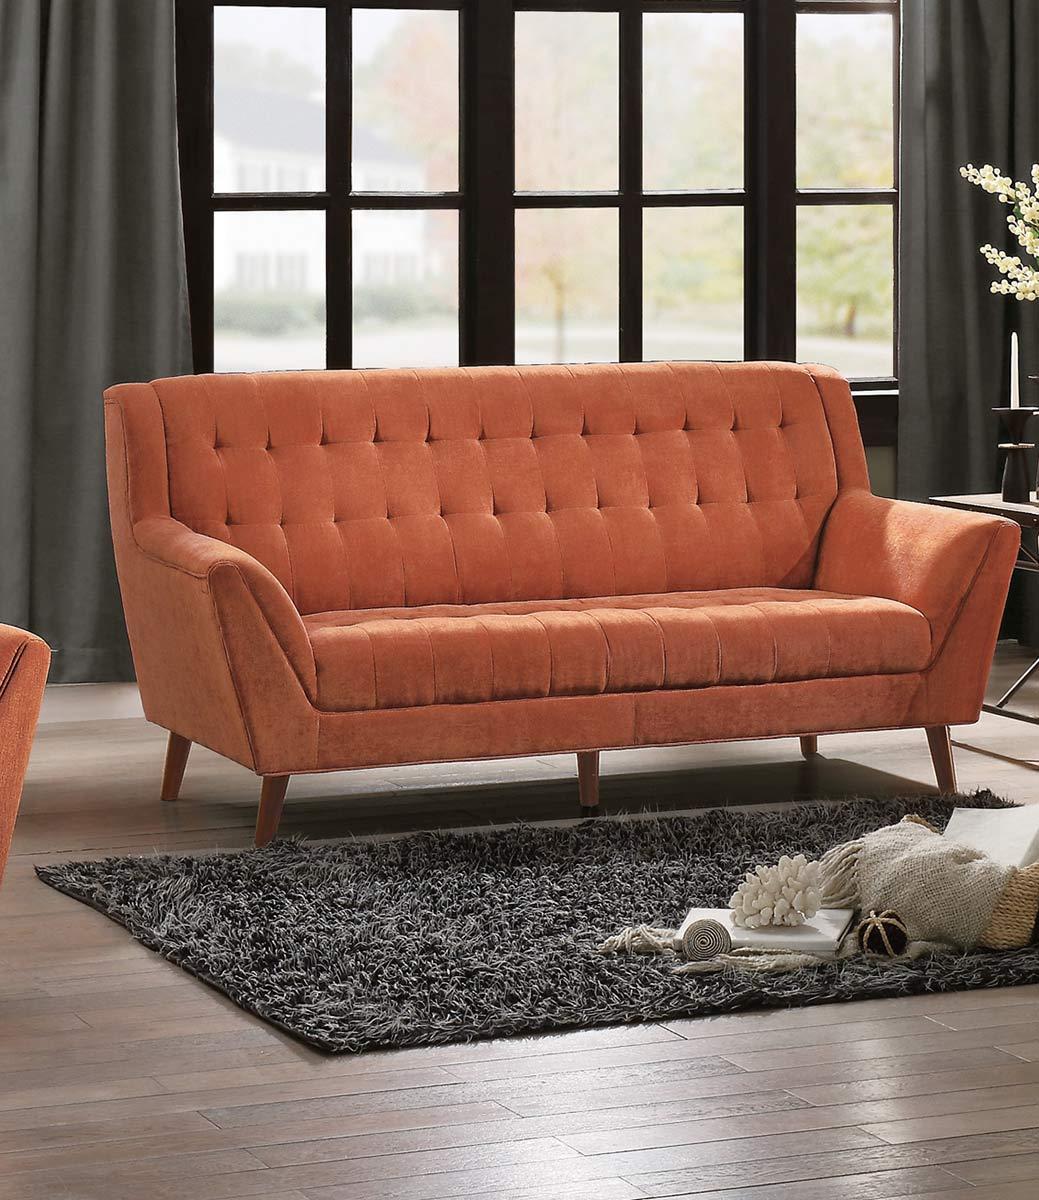 Homelegance Erath Sofa - Orange Fabric